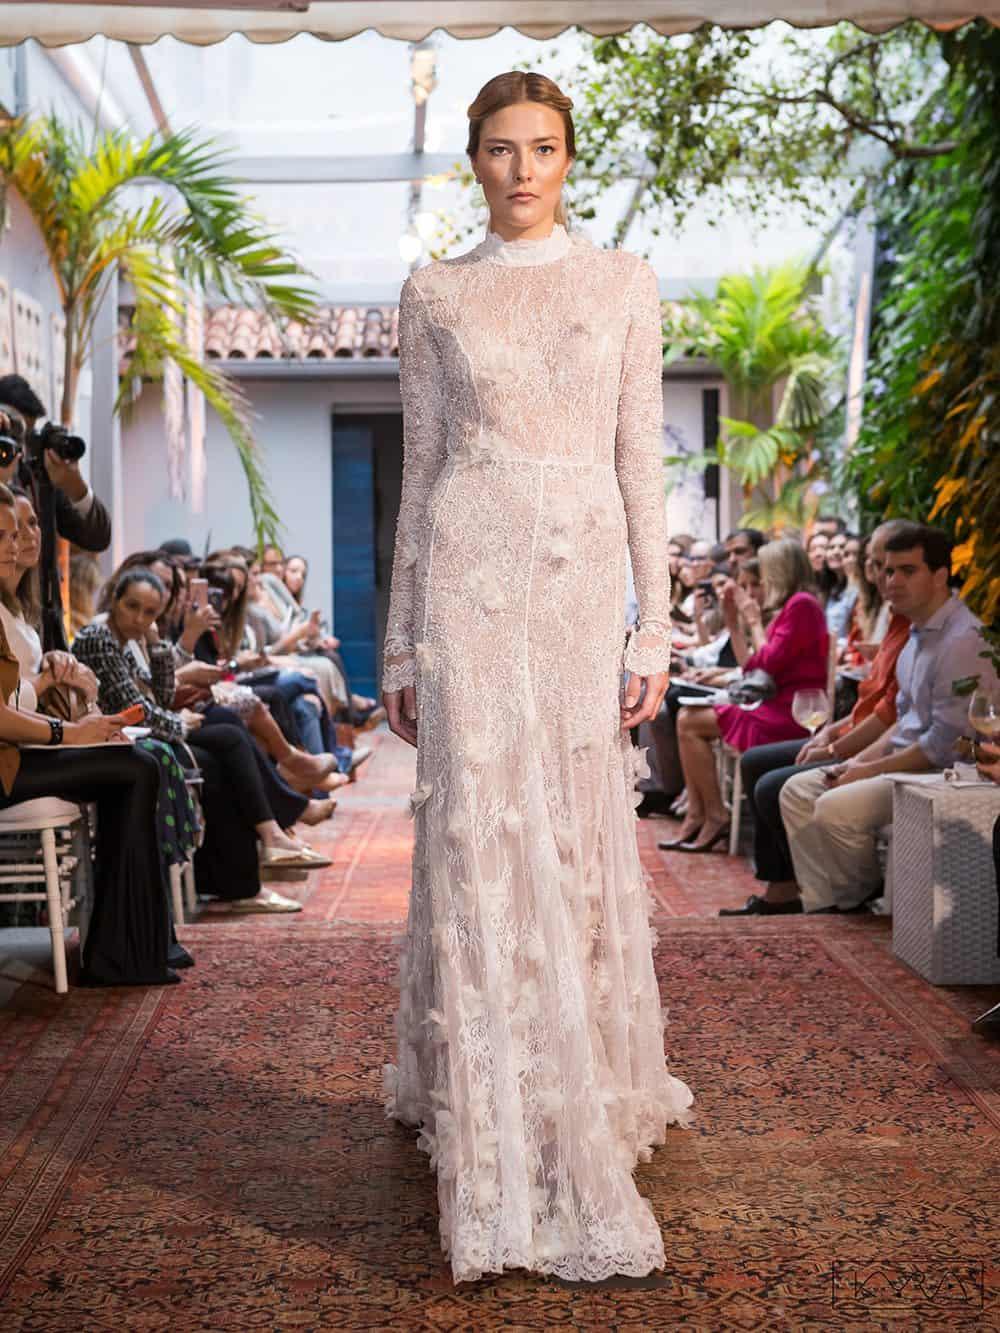 desfile-vestido-de-noiva-entardecer-julia-golldenzon-foto-kyra-mirsky-17